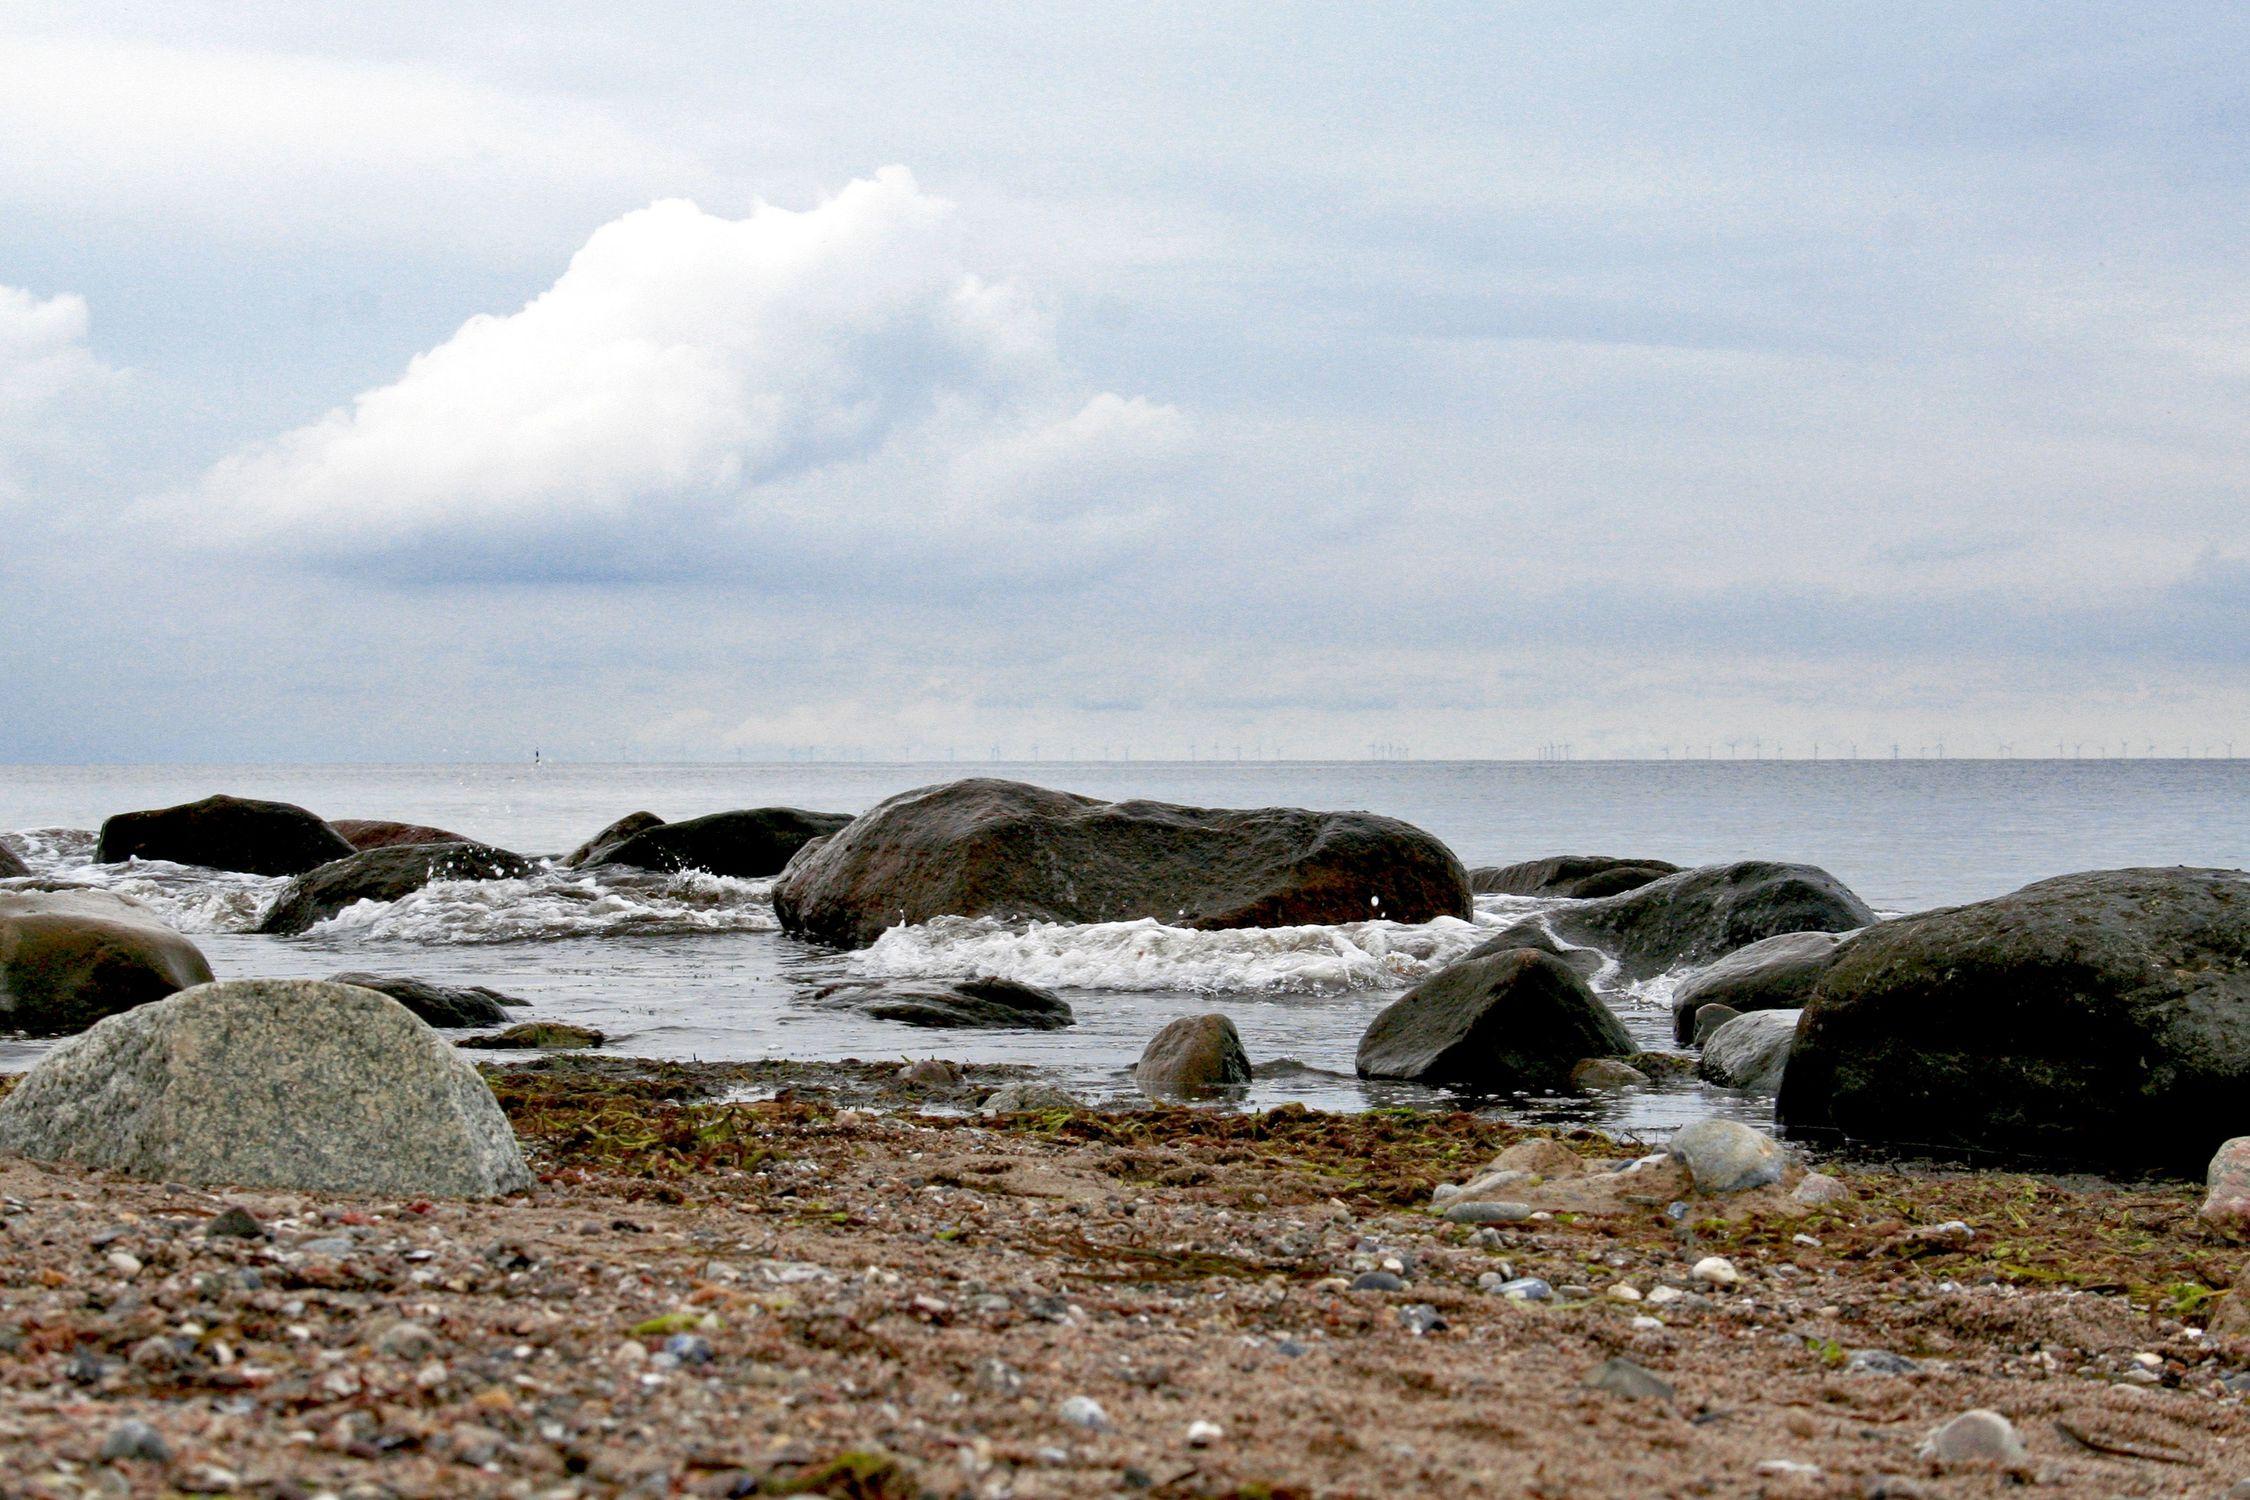 Bild mit Natur, Wasser, Landschaften, Himmel, Gewässer, Küsten und Ufer, Felsen, Meere, Strände, Brandung, Wellen, Buchten